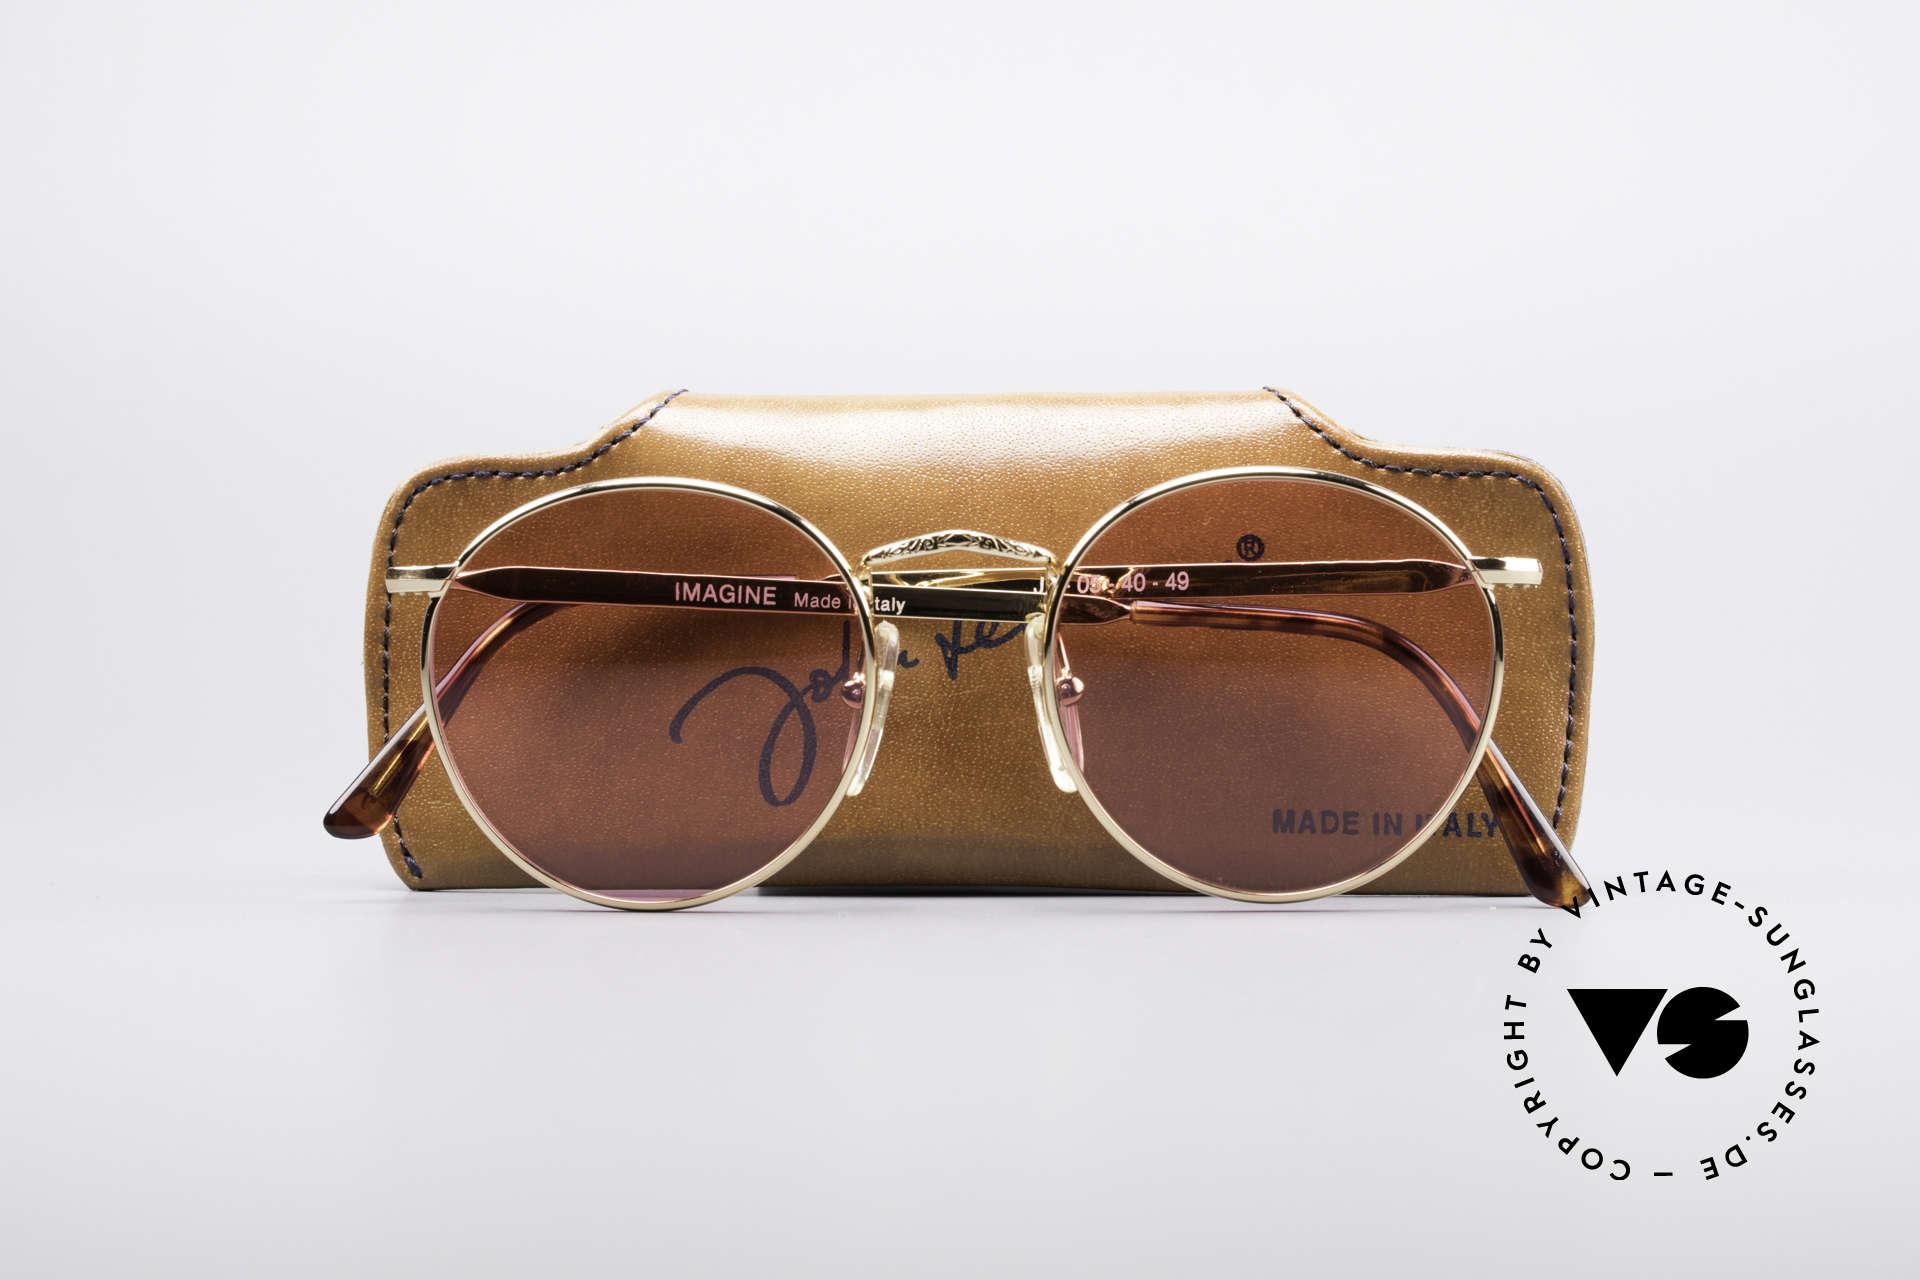 John Lennon - Imagine Die Rosarote Vintage Brille, KEINE RetroSonnenbrille, sondern ein altes Original, Passend für Herren und Damen